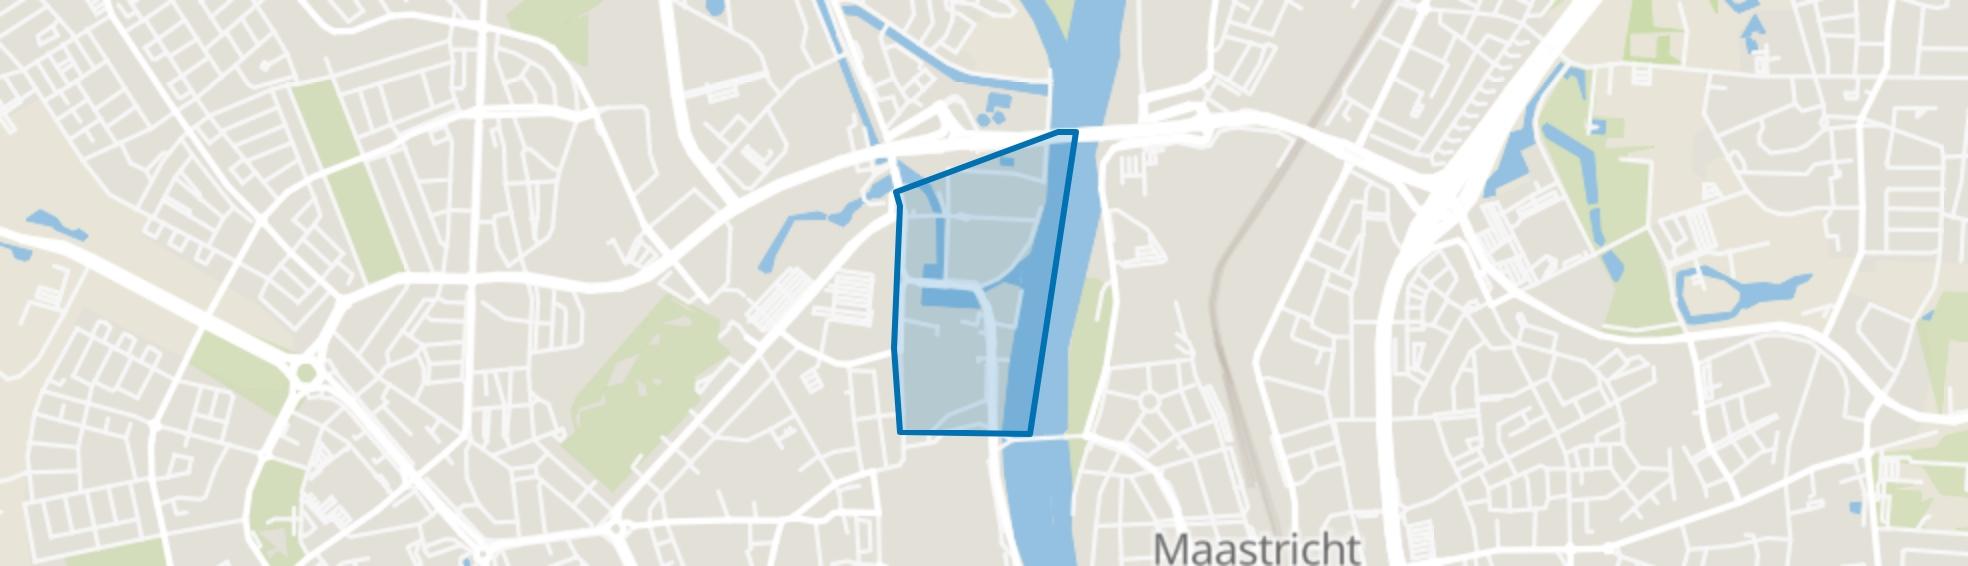 Boschstraatkwartier, Maastricht map